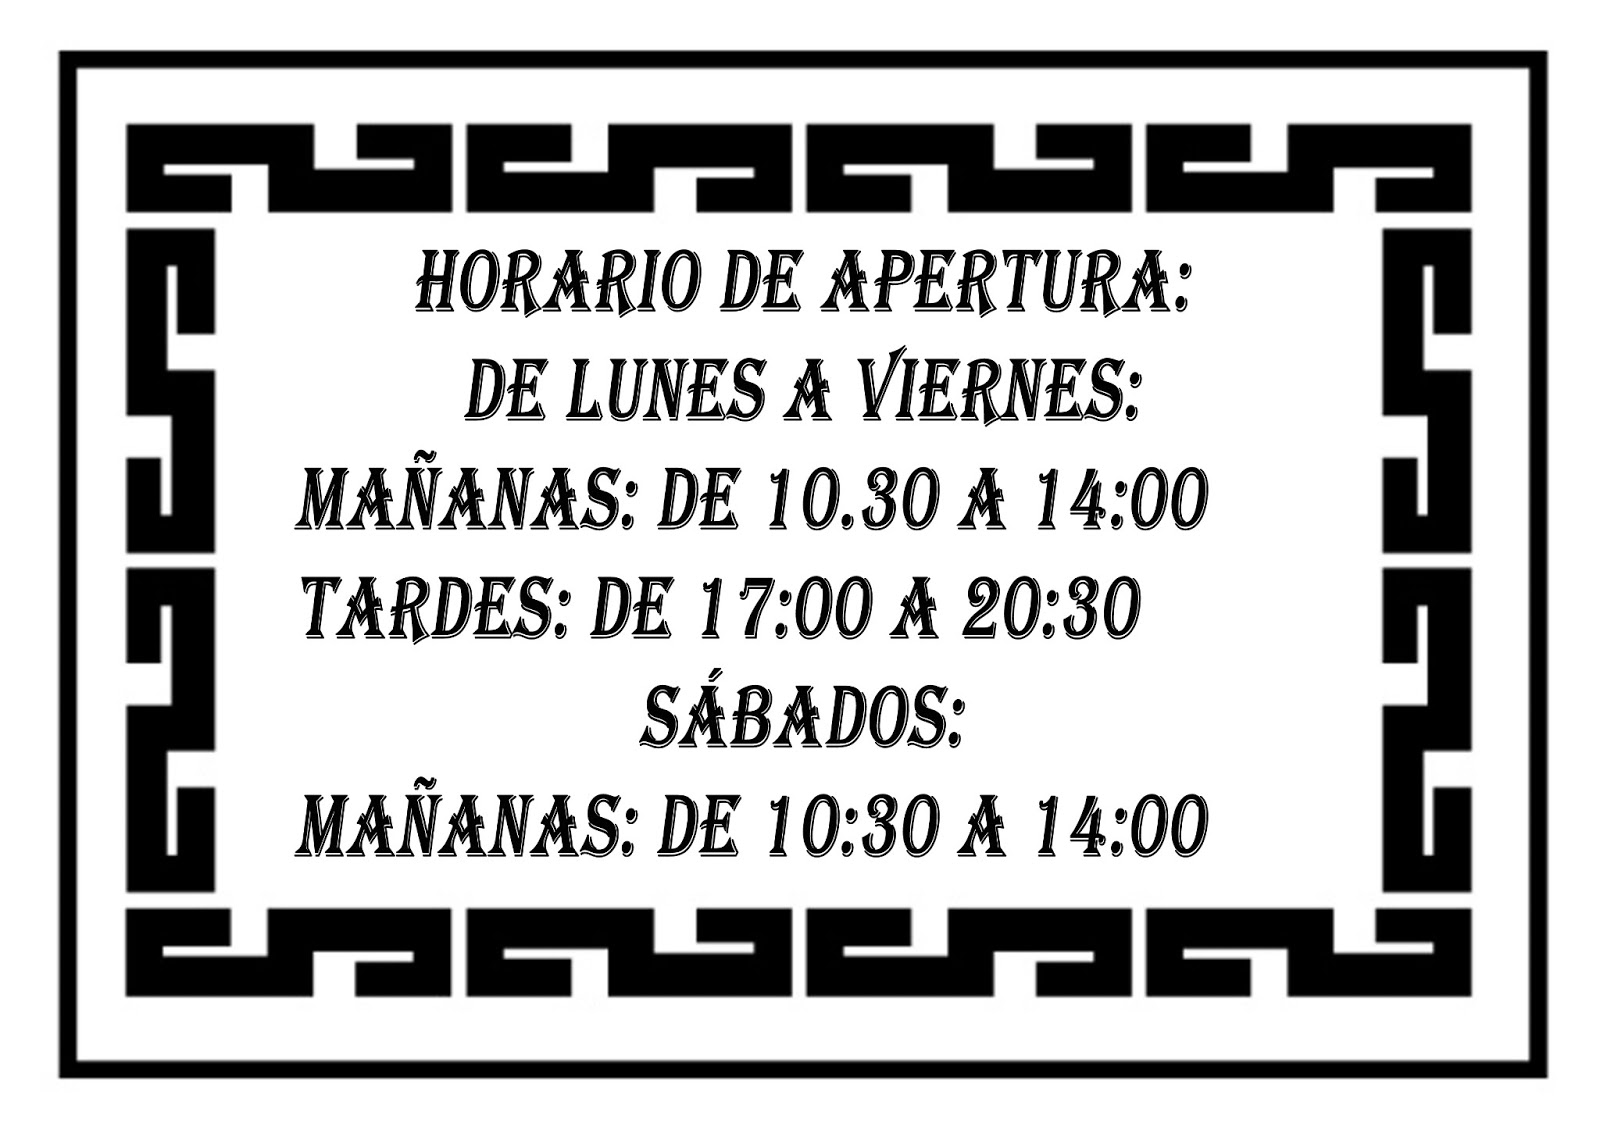 Leyenda comic 2013 03 10 for Horario apertura oficinas la caixa